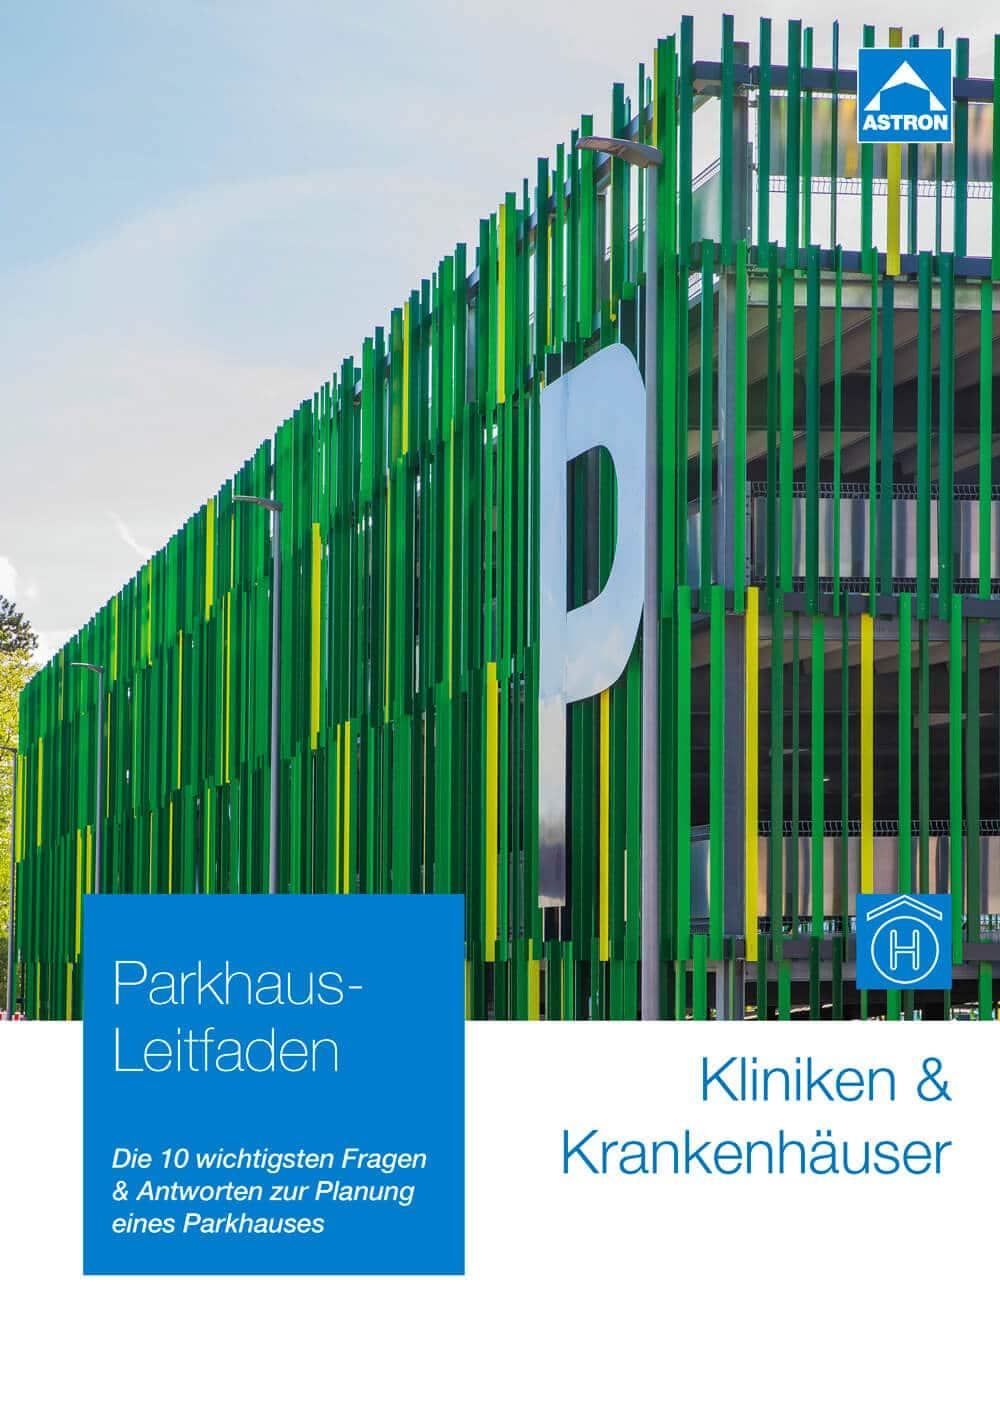 Leitfaden zur Parkhaus-Planung für Kliniken und Krankenhäuser